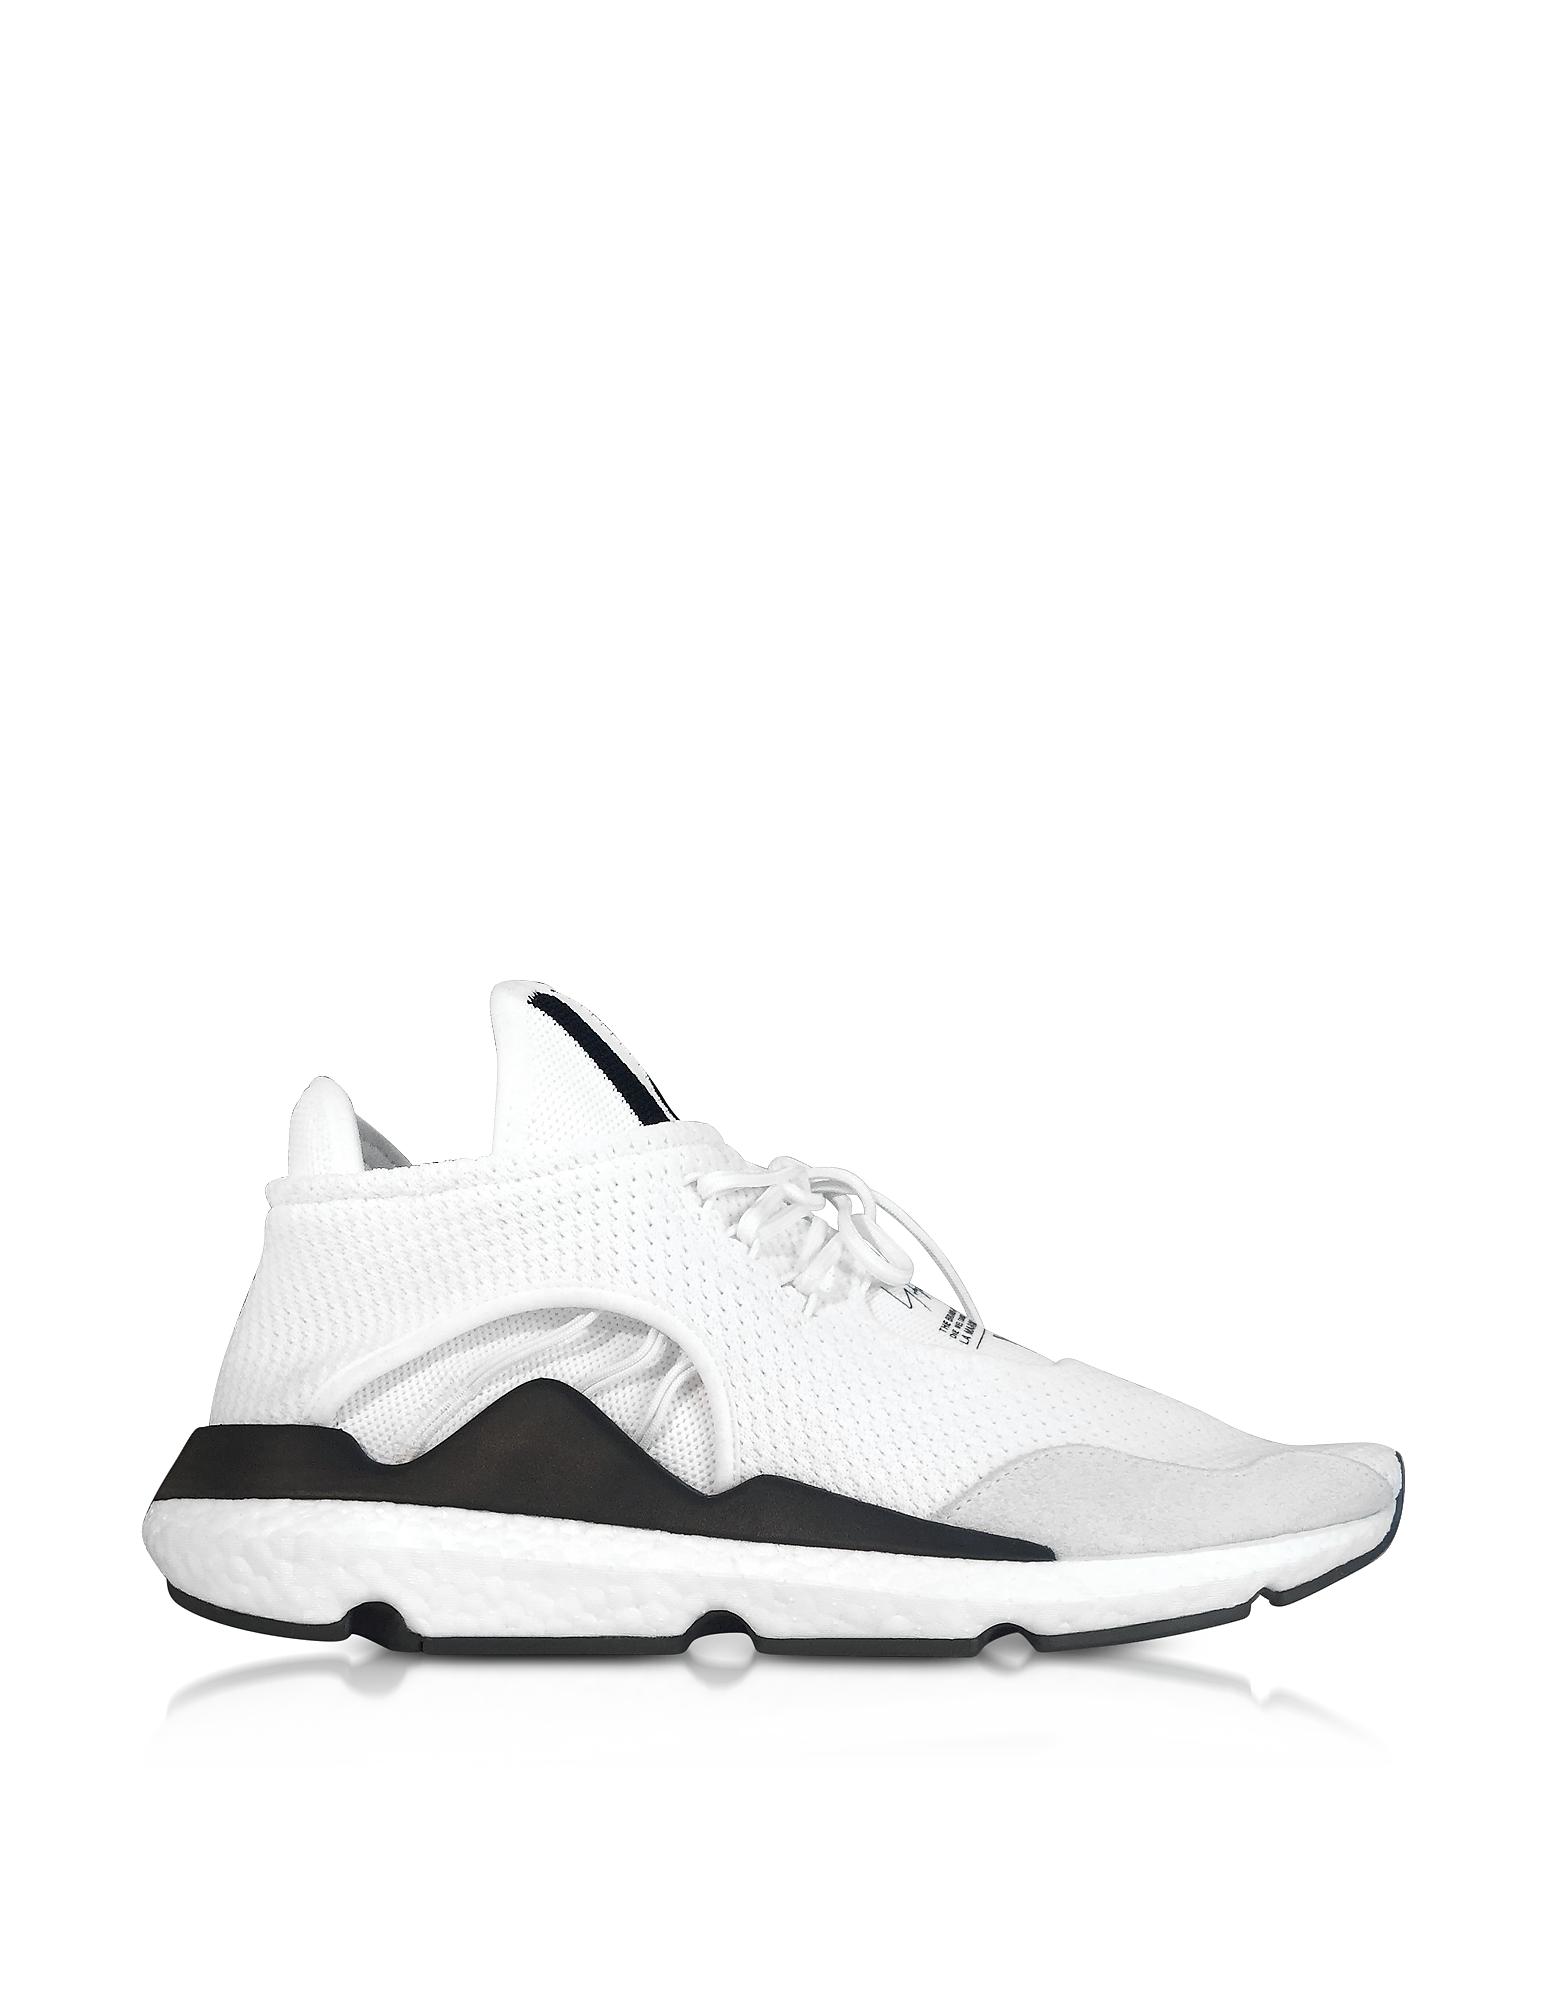 Y-3 Shoes, Core White Y-3 Saikou Sneakers